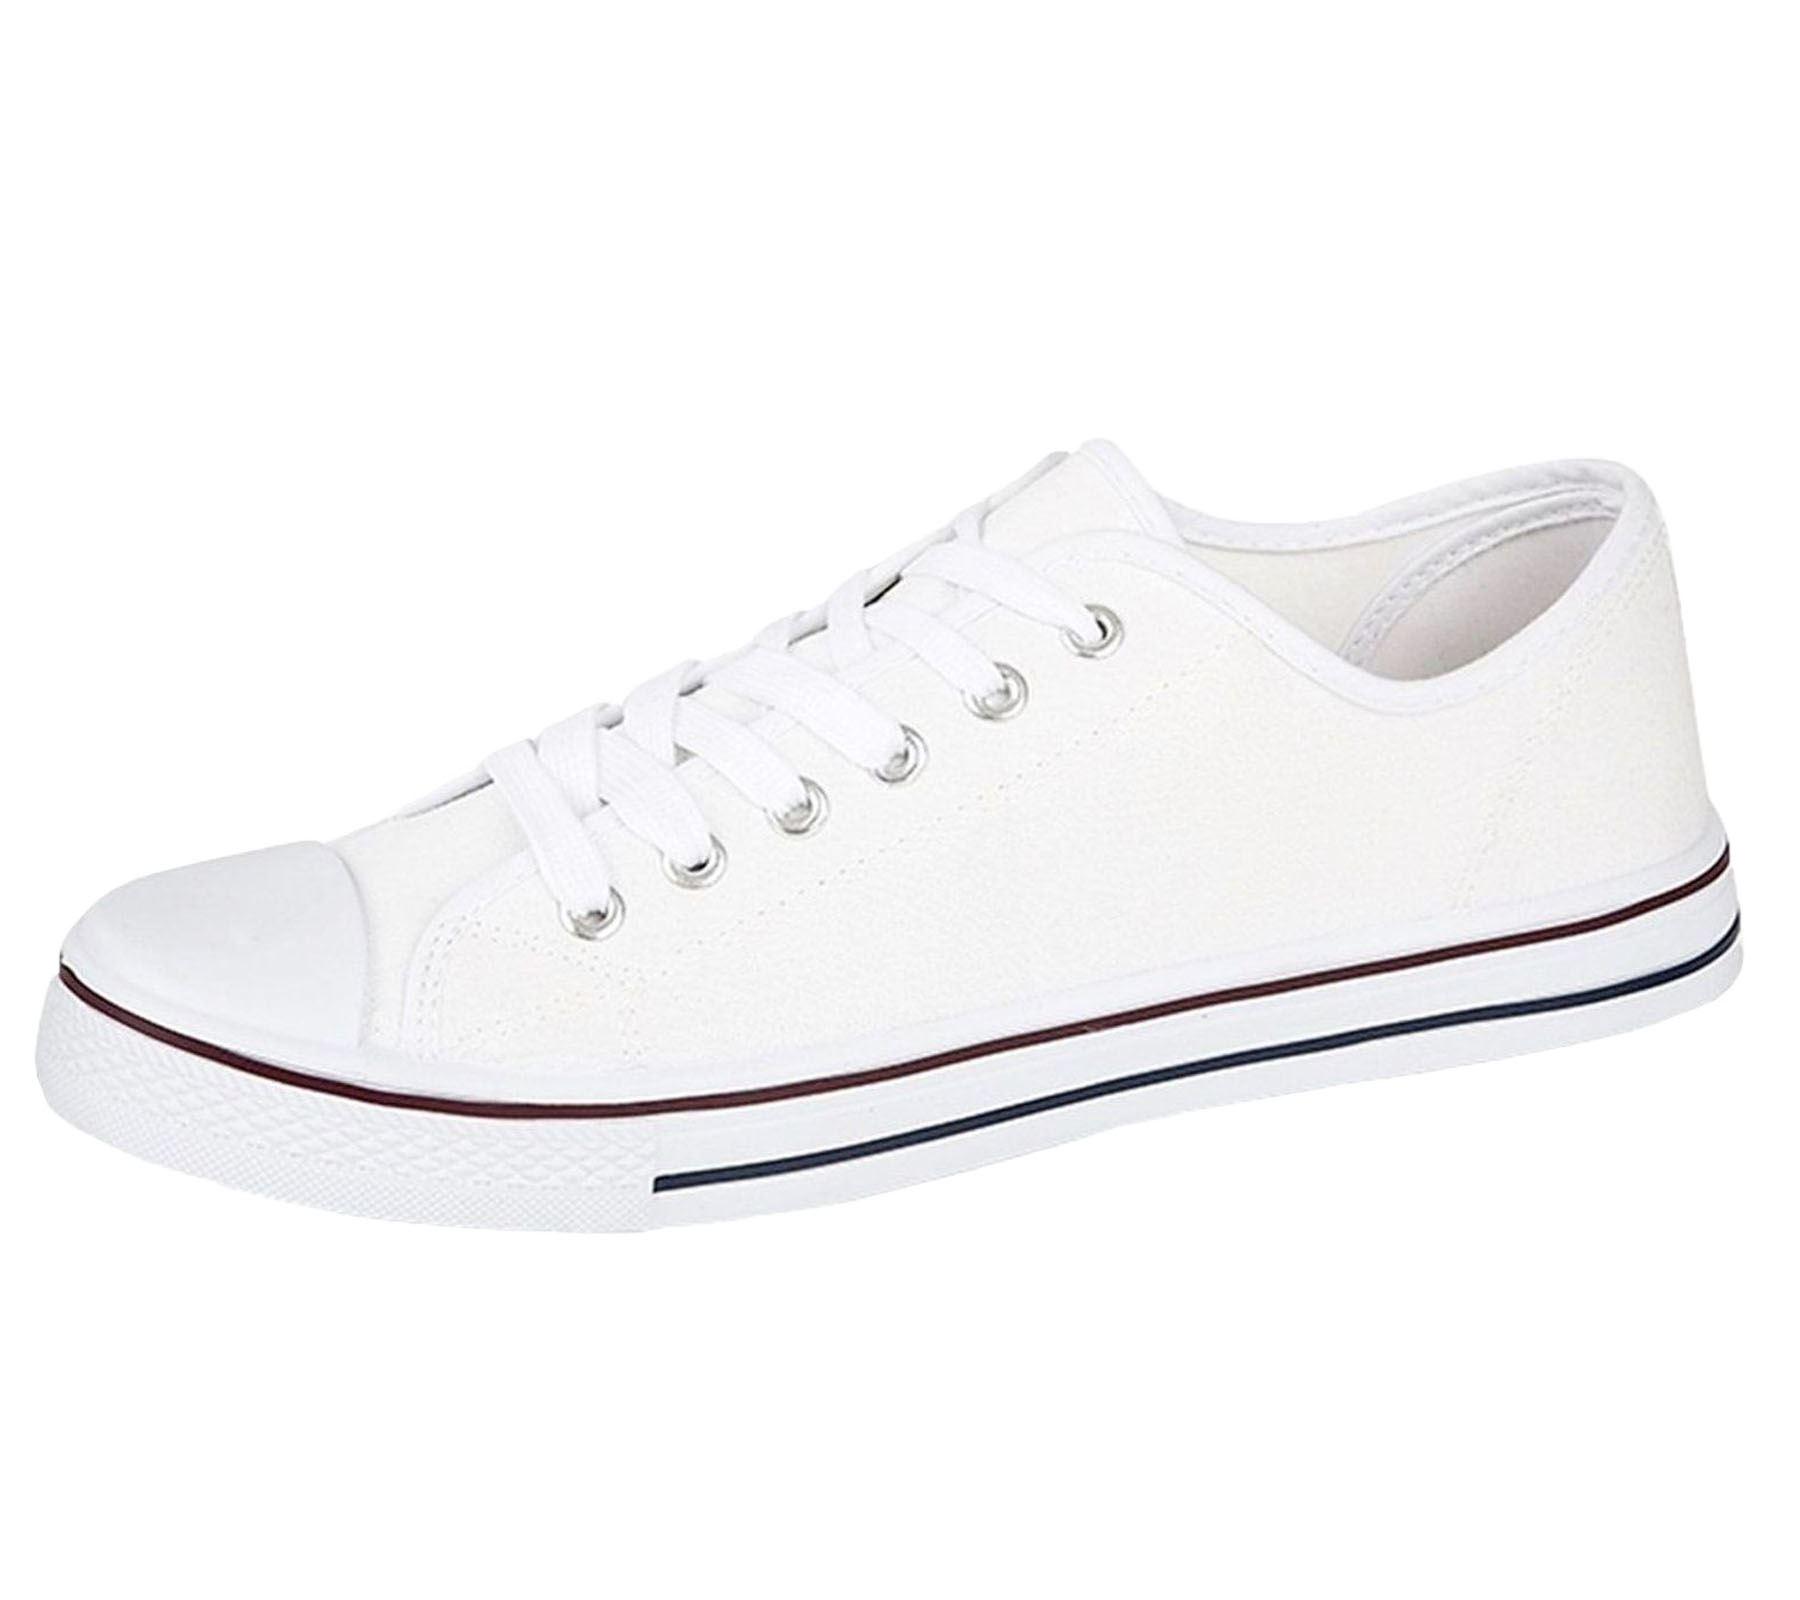 Mens-Canvas-Shoes-Plimsole-Trainer-Pumps-Lace-Up-Flat-Shoes miniatura 20